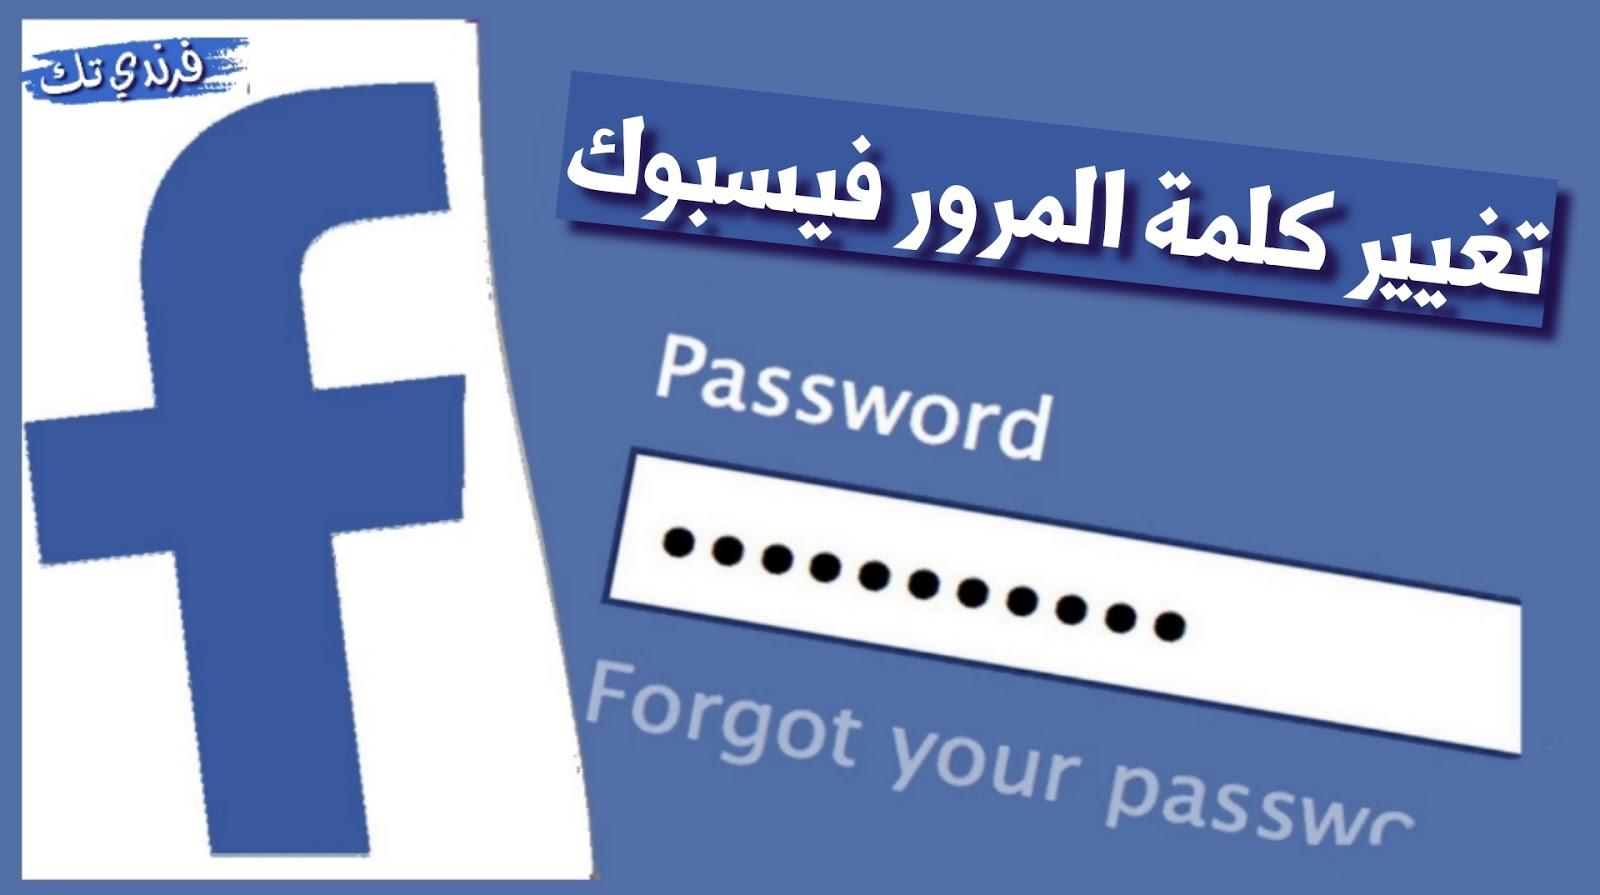 كيفية تغيير كلمة سر الفيس بوك على الهاتف